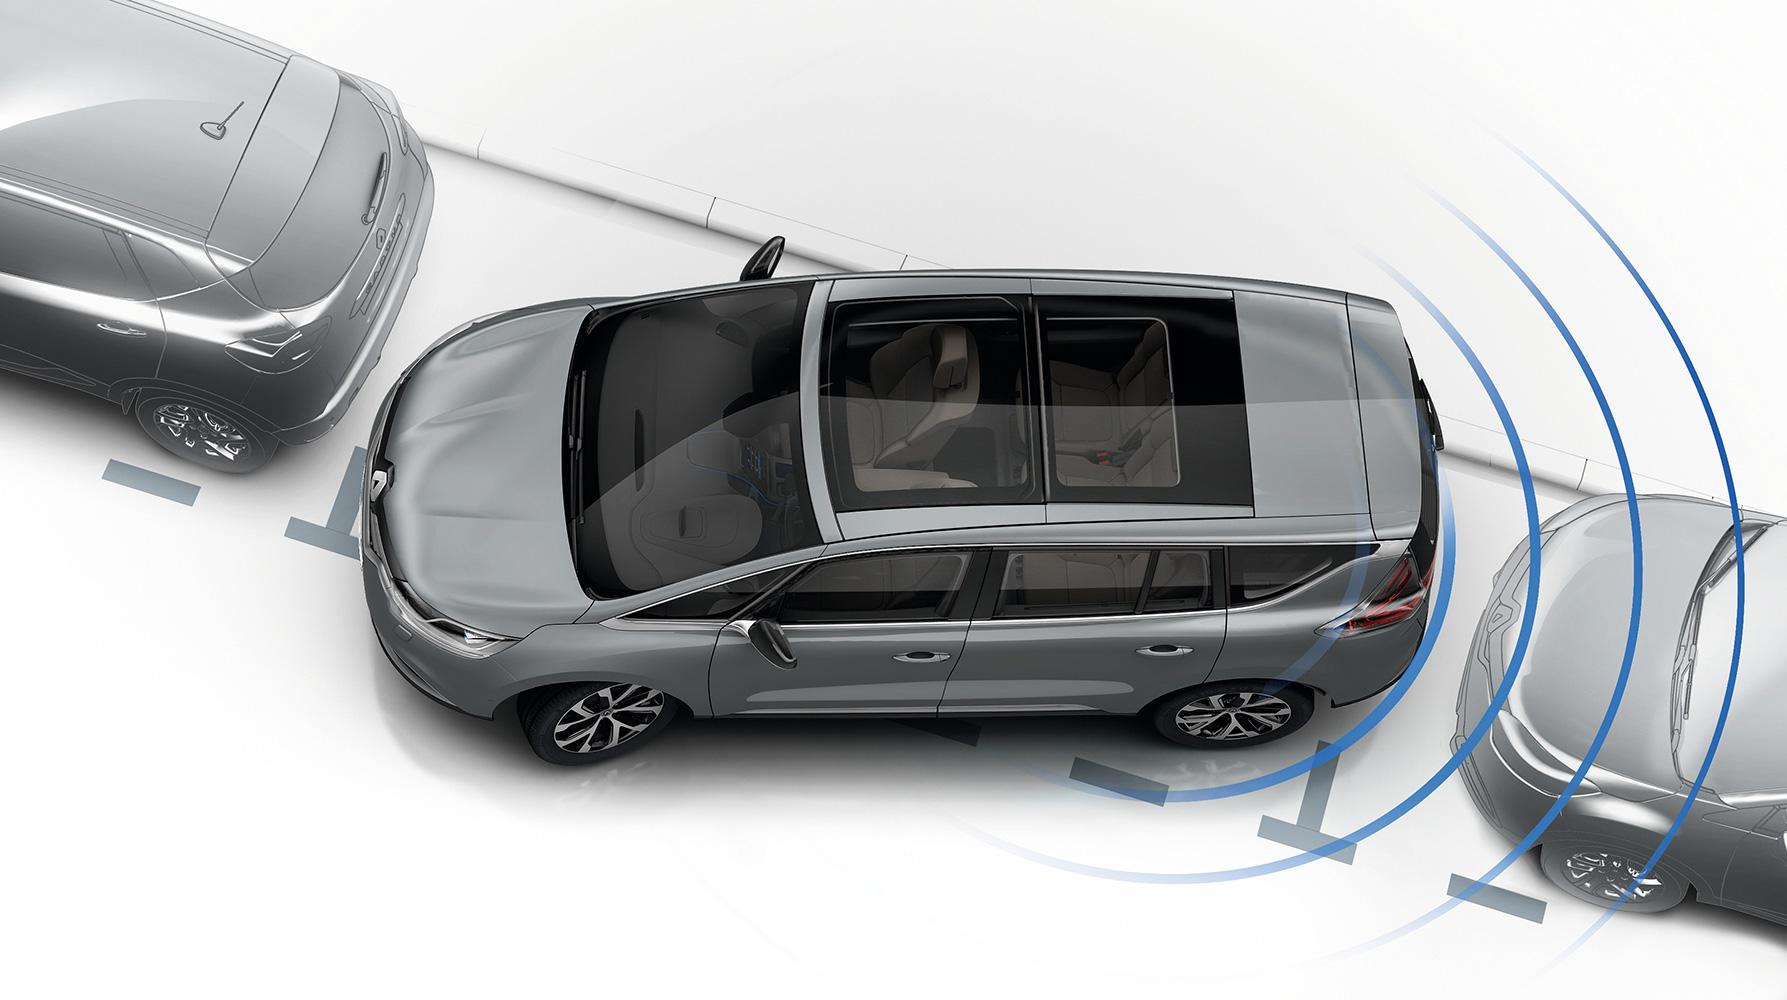 Parkeersensoren vóór en achter met optische en sonische weergave